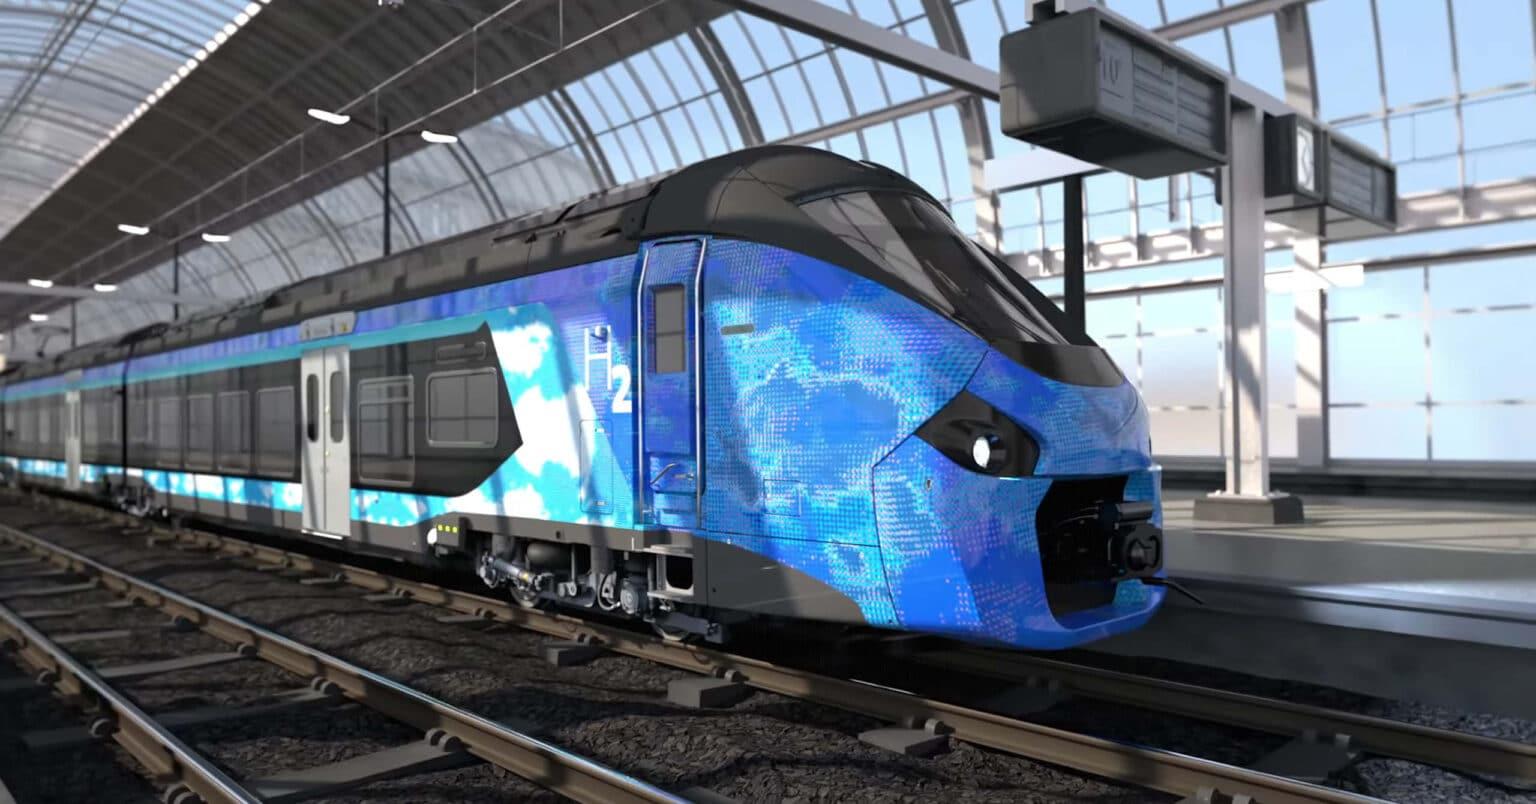 Rénder del Alstom Coradia Polyvalent H2 que SNCF ha comprado para cuatro regiones francesas. ALSTOM.